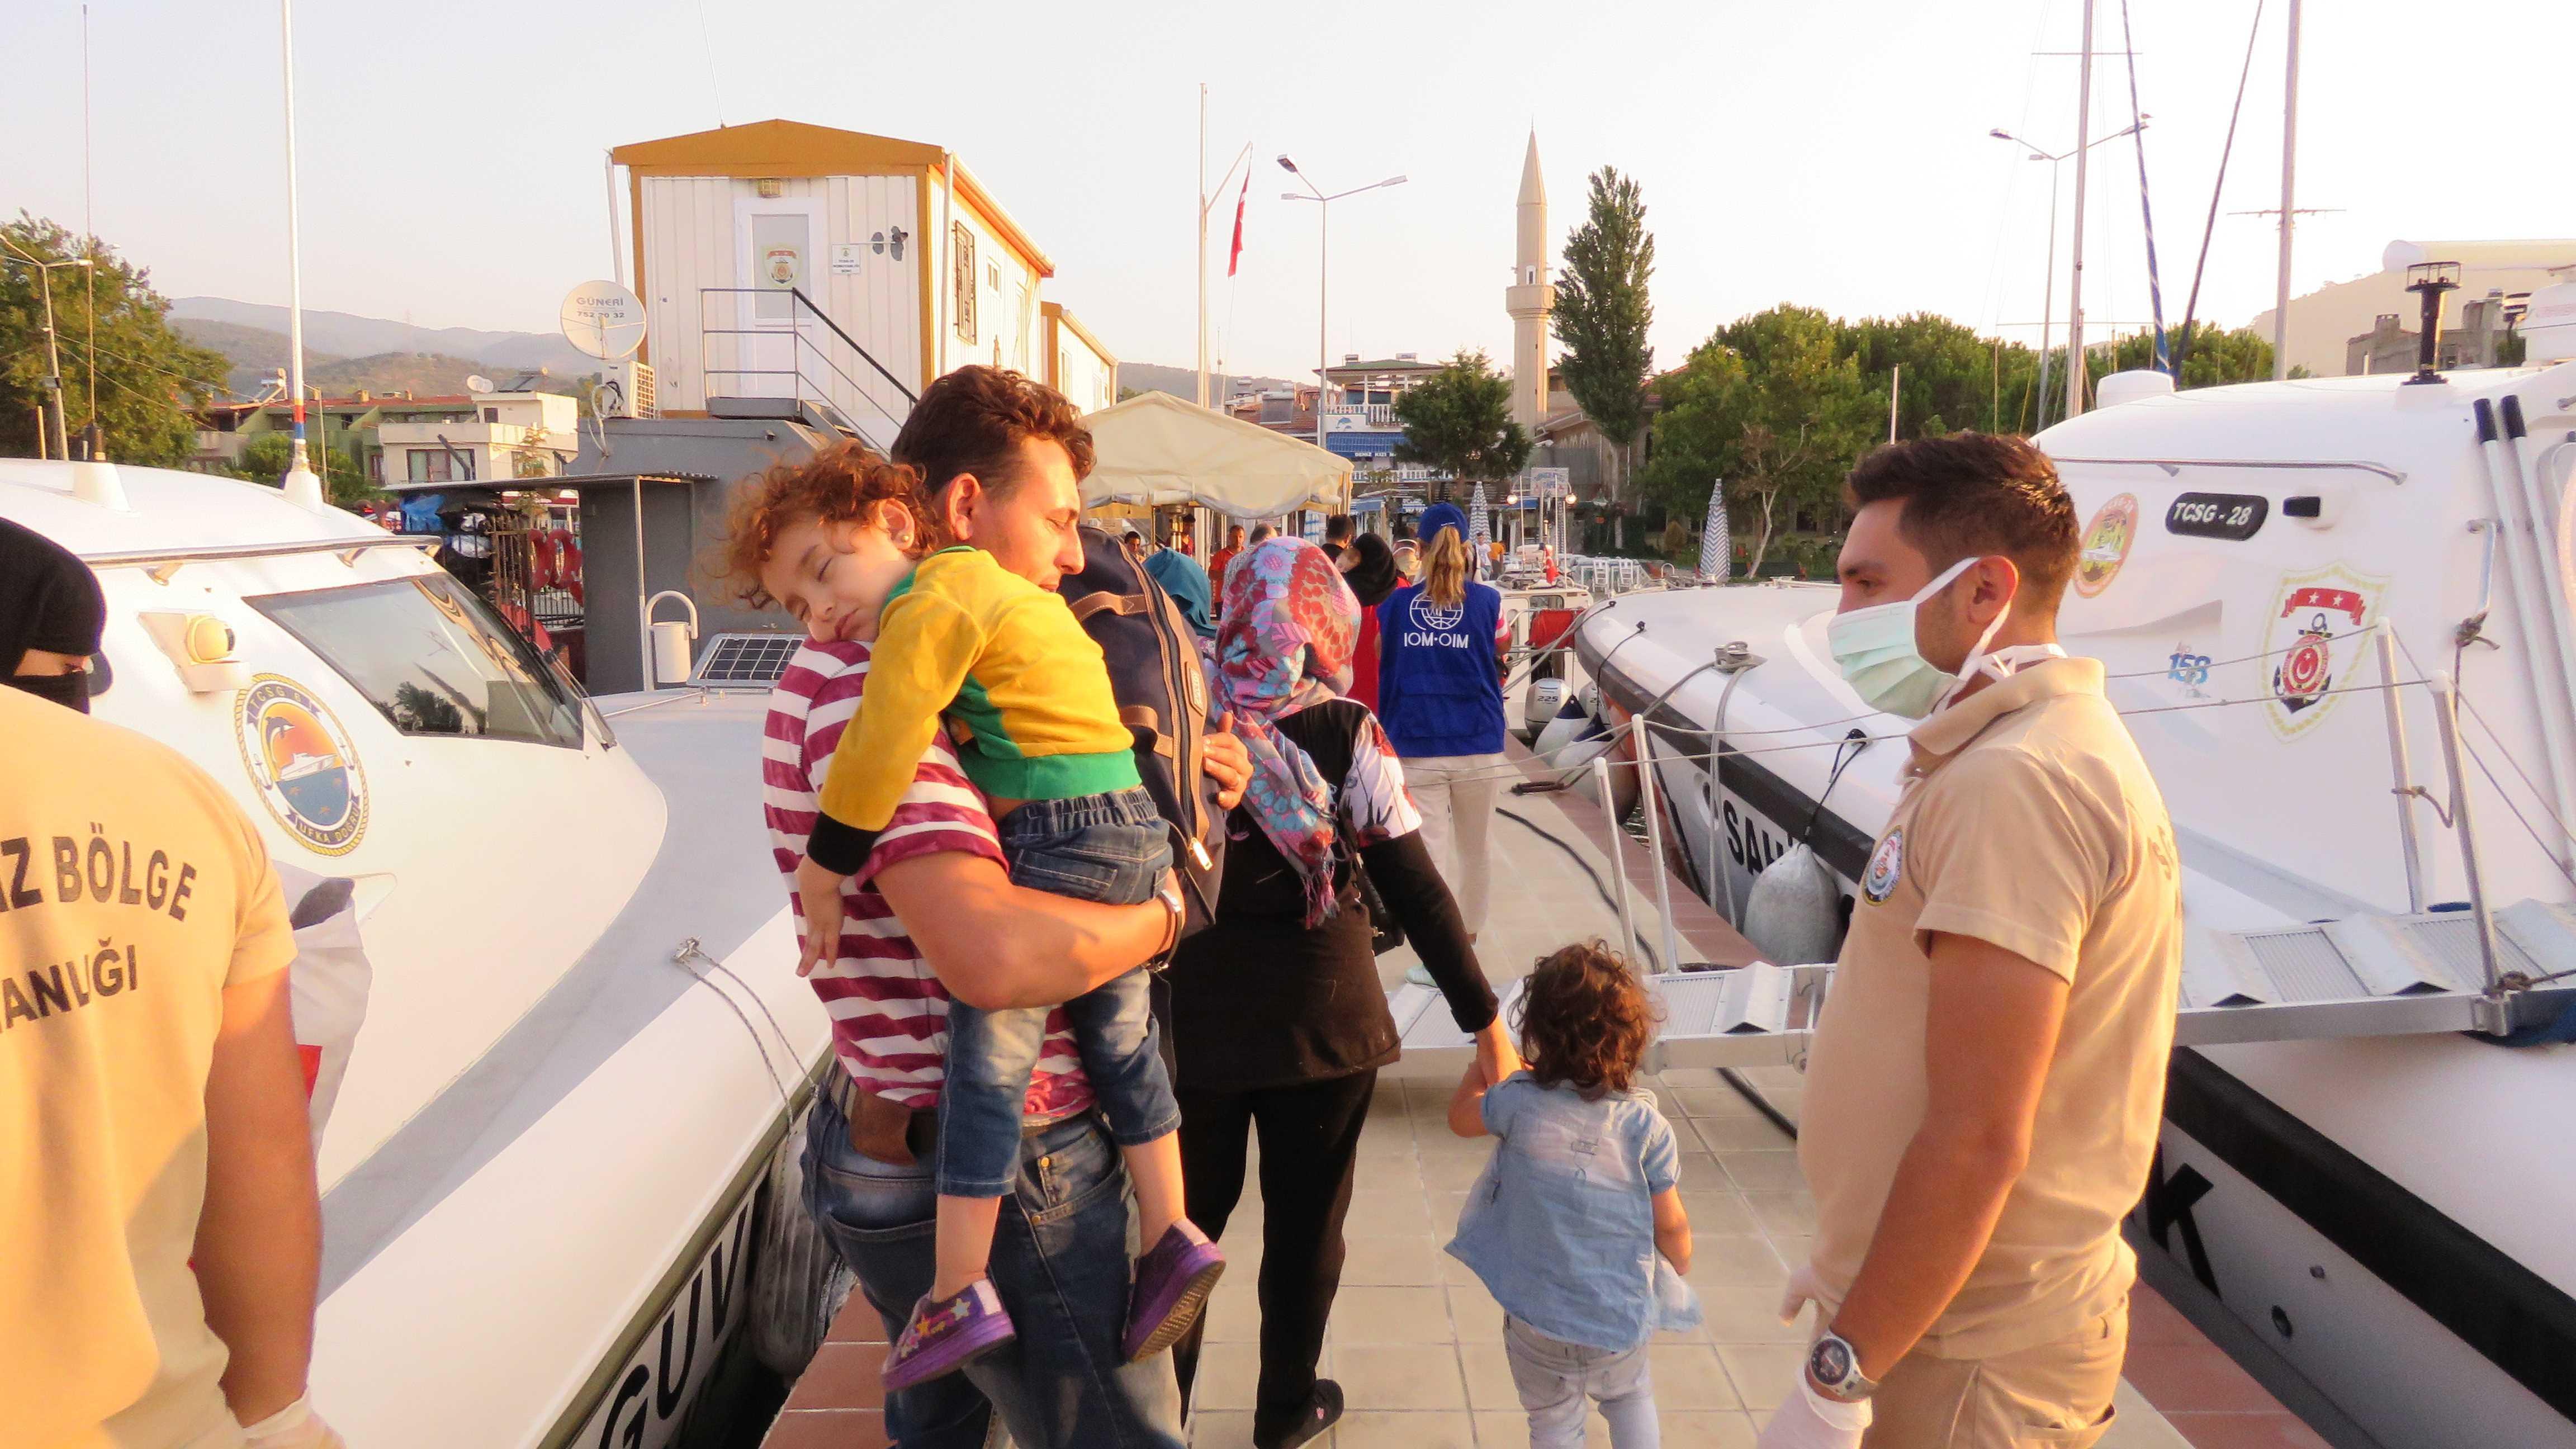 Batmak+%C3%BCzere+olan+teknedeki+sığınmacılar+kurtarıldı